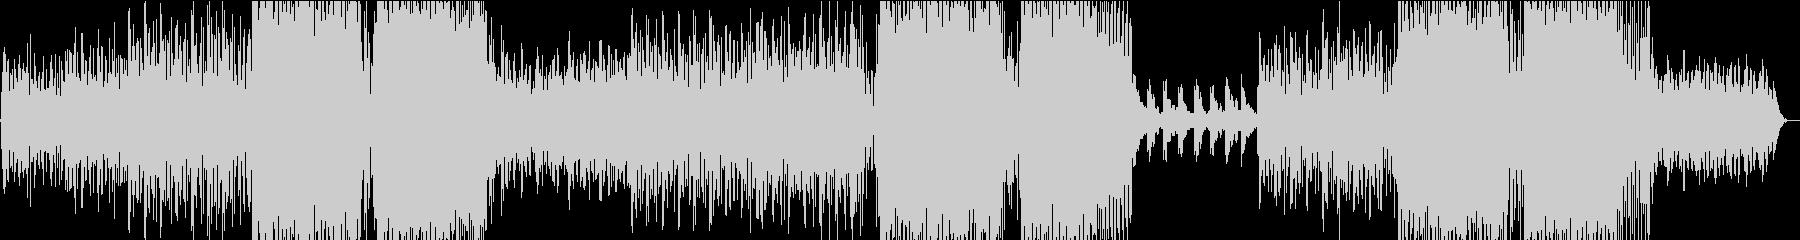 南国リゾ~ト!耳に残るトロピカルハウスの未再生の波形